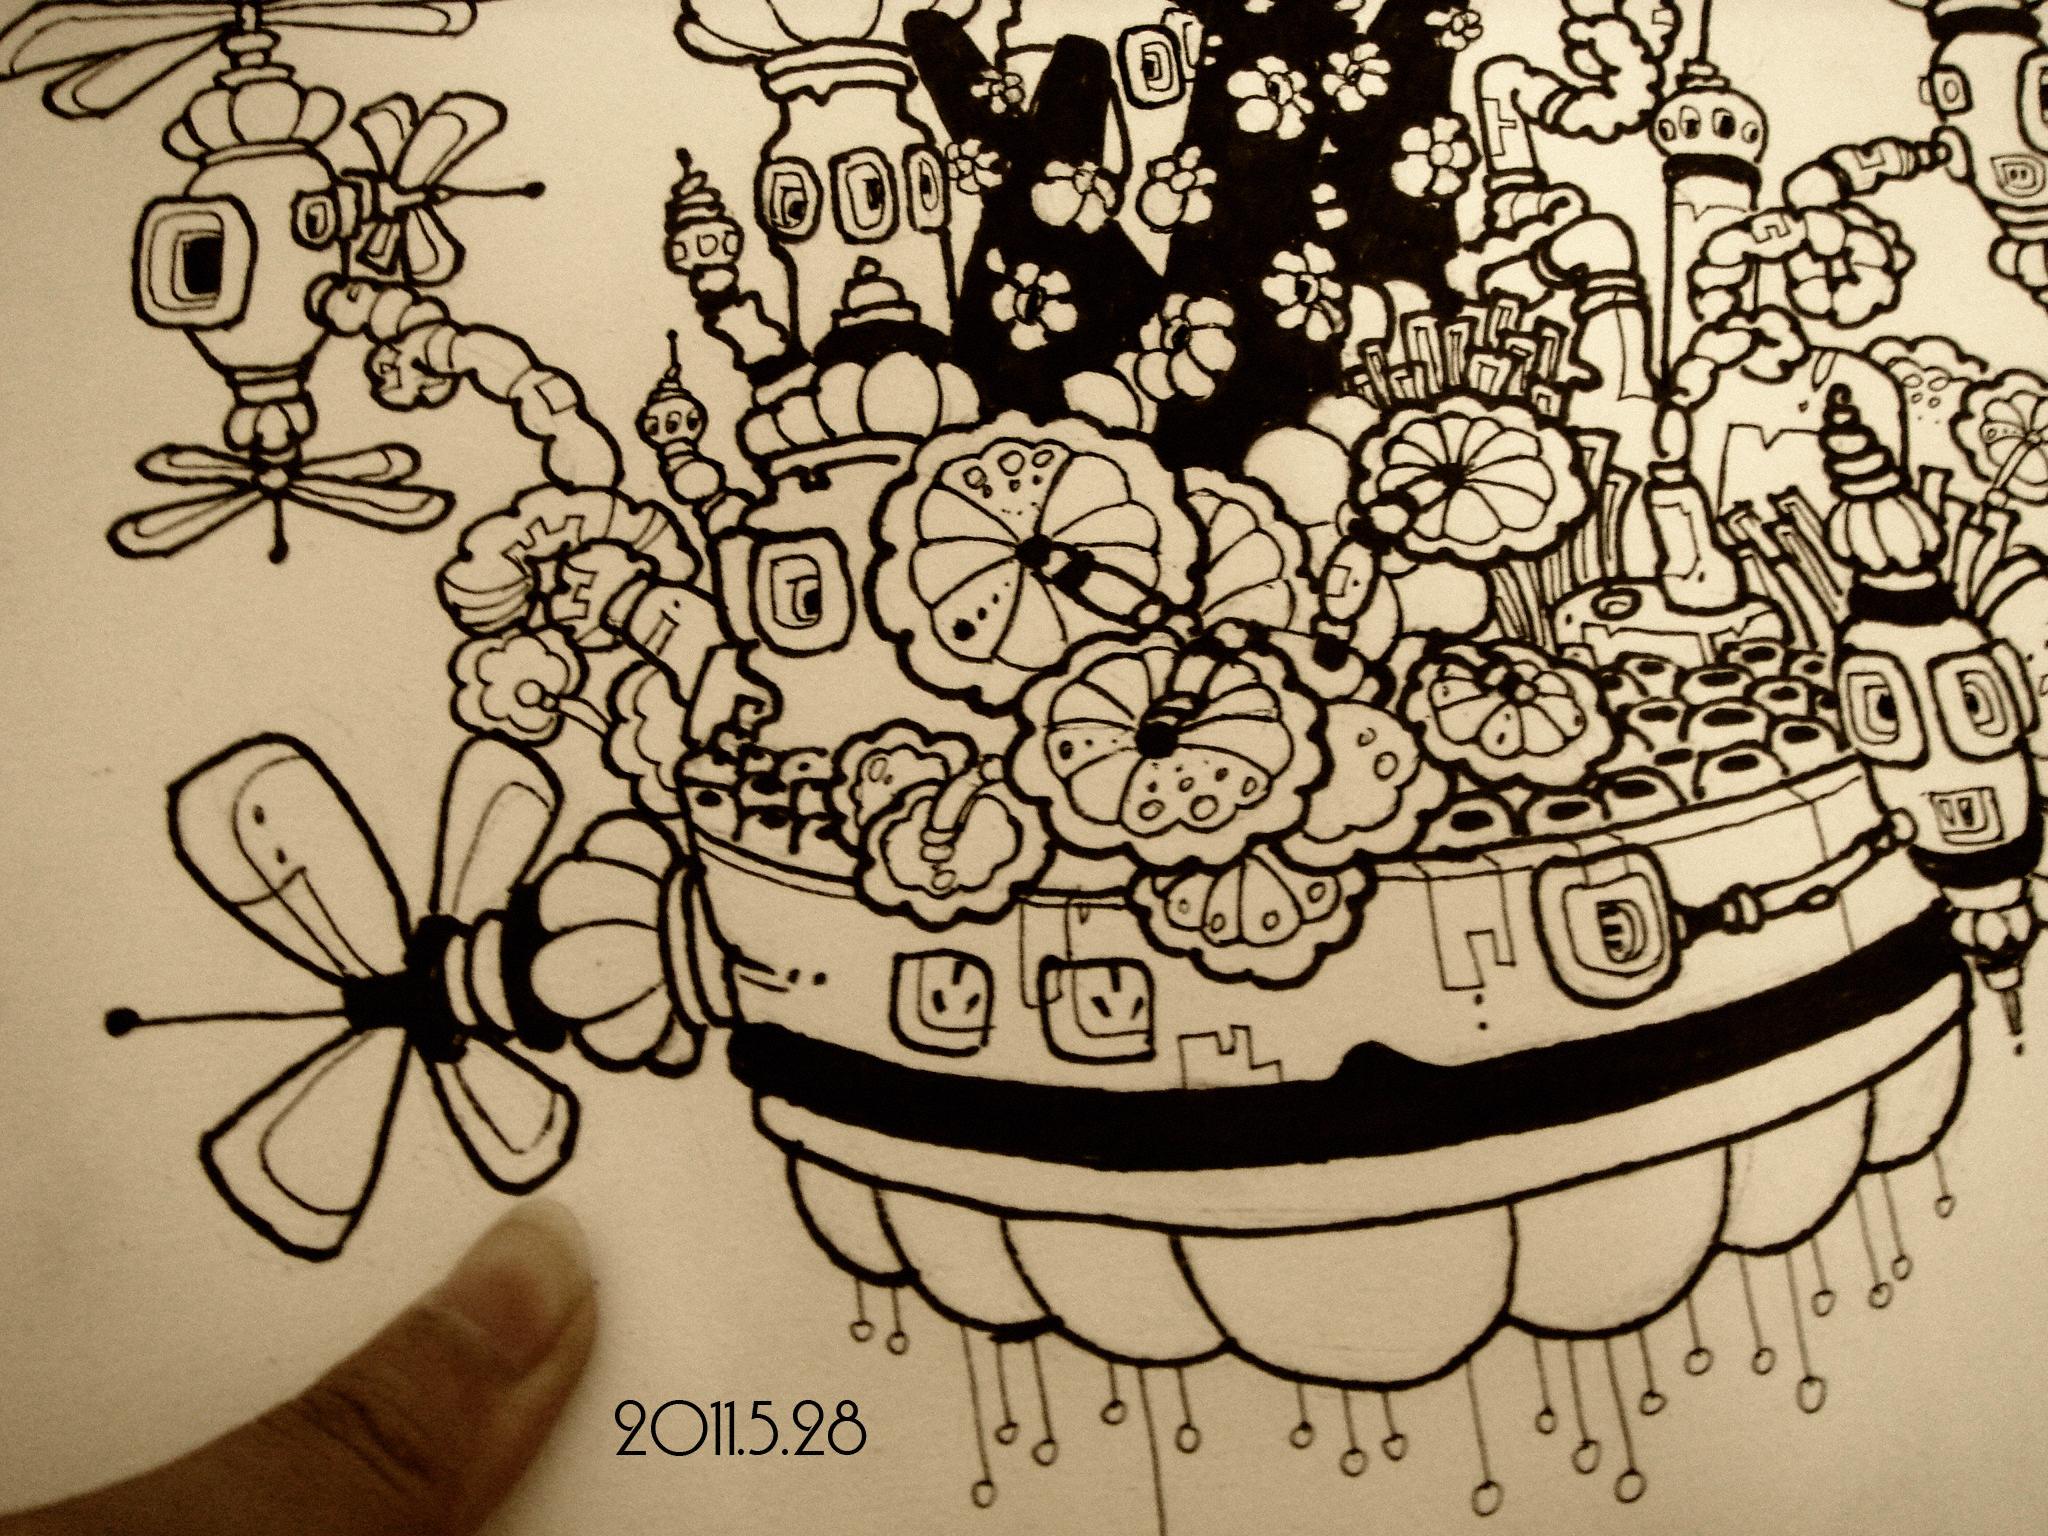 黑白手绘创意涂鸦墙